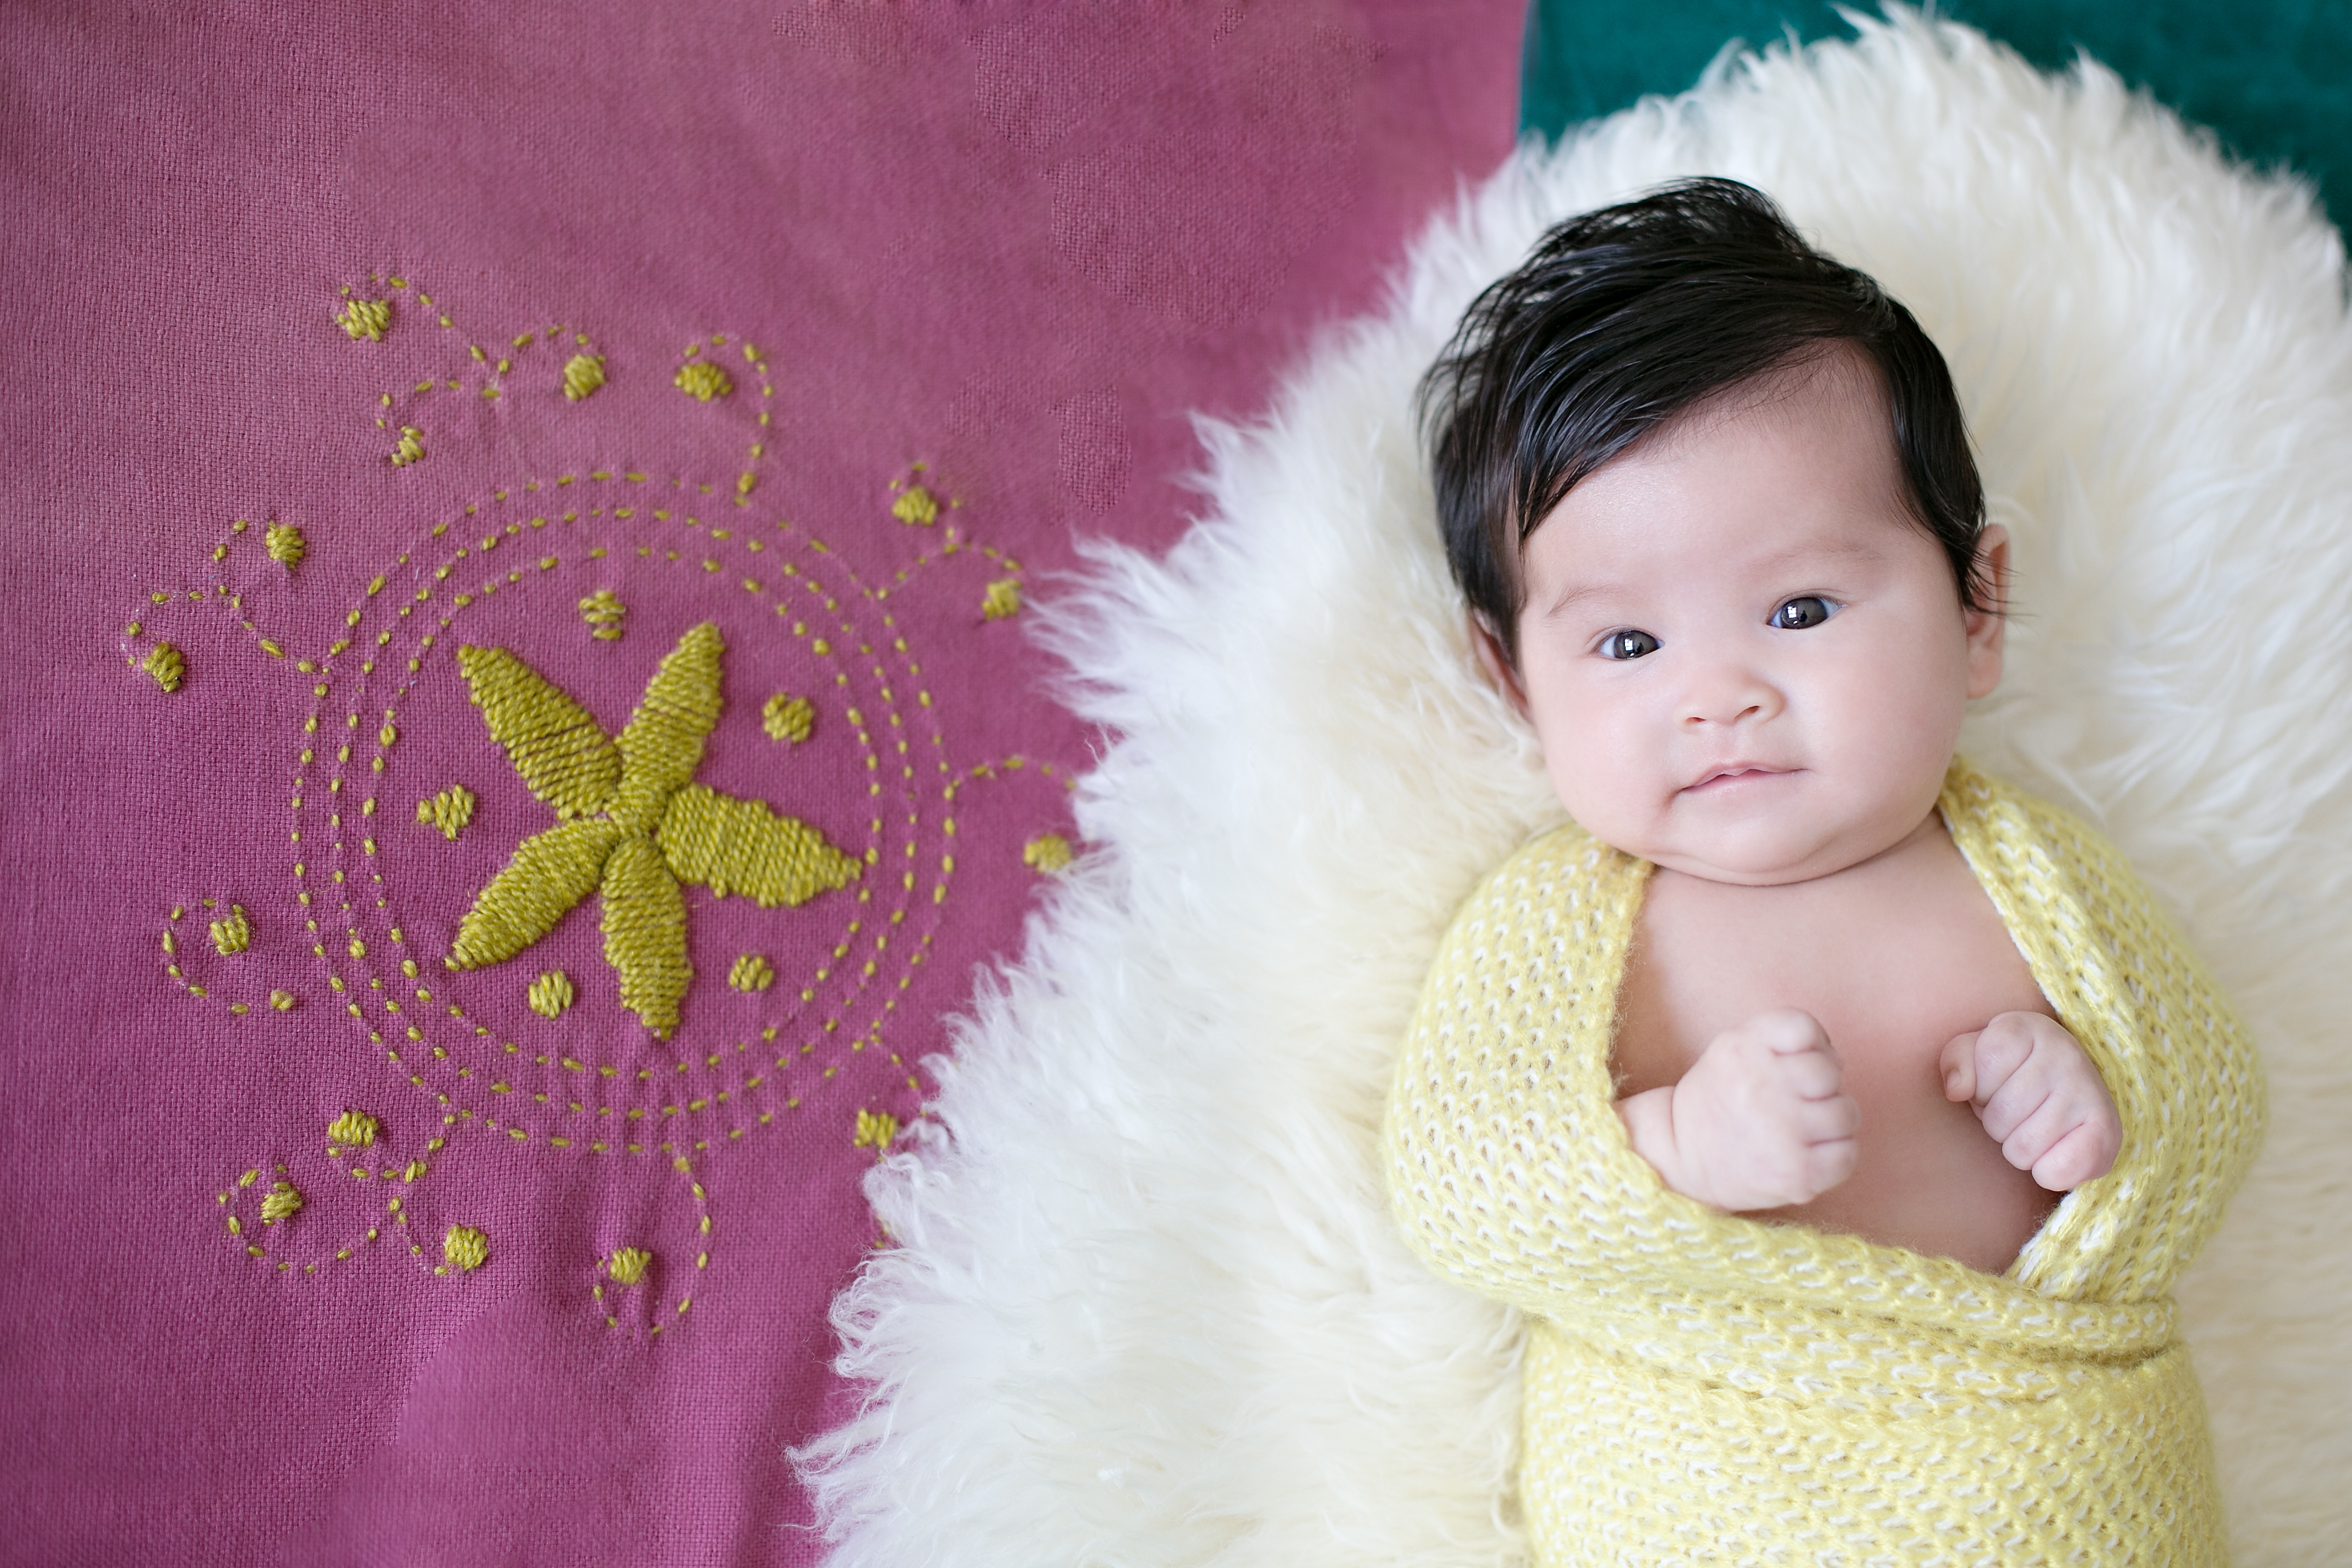 séance photo bébé à domicile et original courbevoie 92